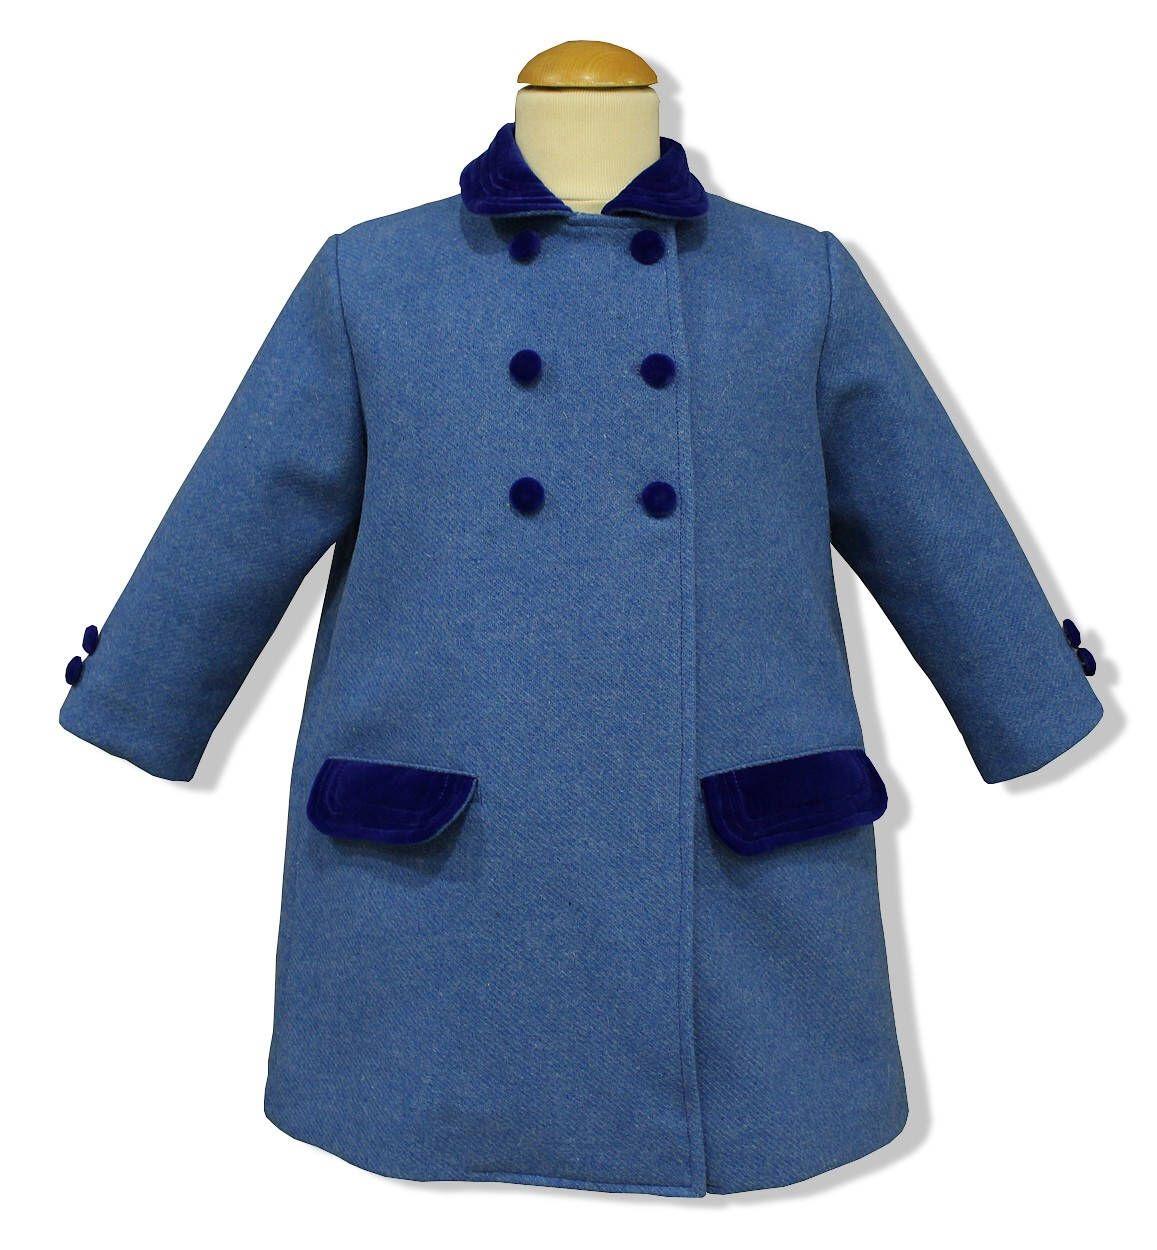 Abrigo Infantil Unisex Modelo Clásico Inglés En Paño Azul Con Etsy Abrigos Ropa Terciopelo Azul